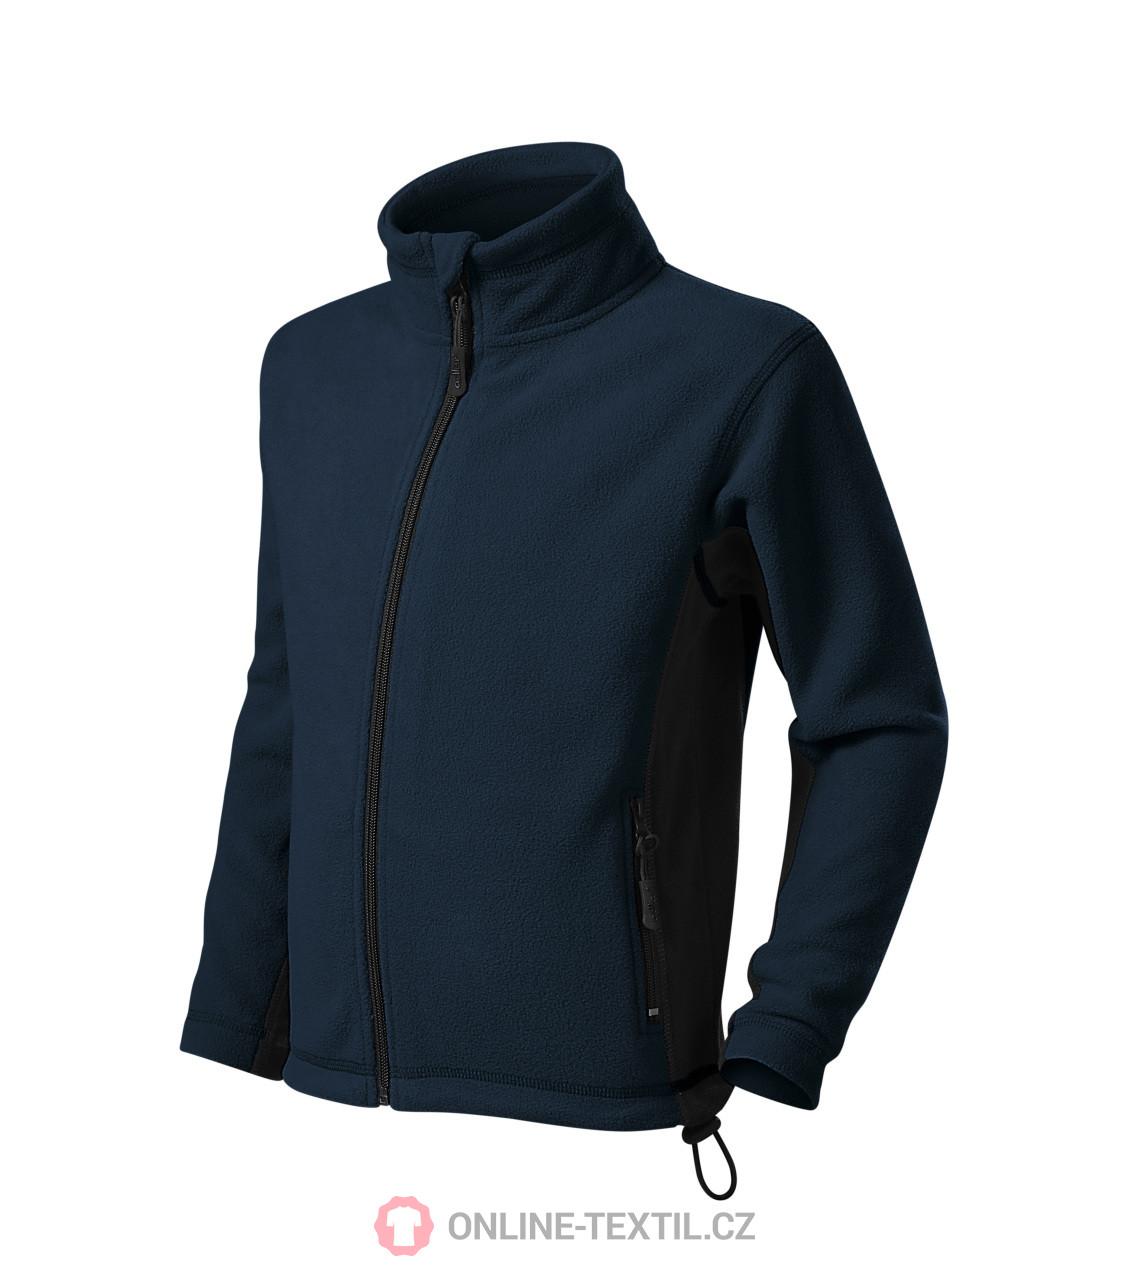 c7aef6481 ADLER CZECH Kids fleece jacket sweatshirt Frosty 529 - navy blue ...